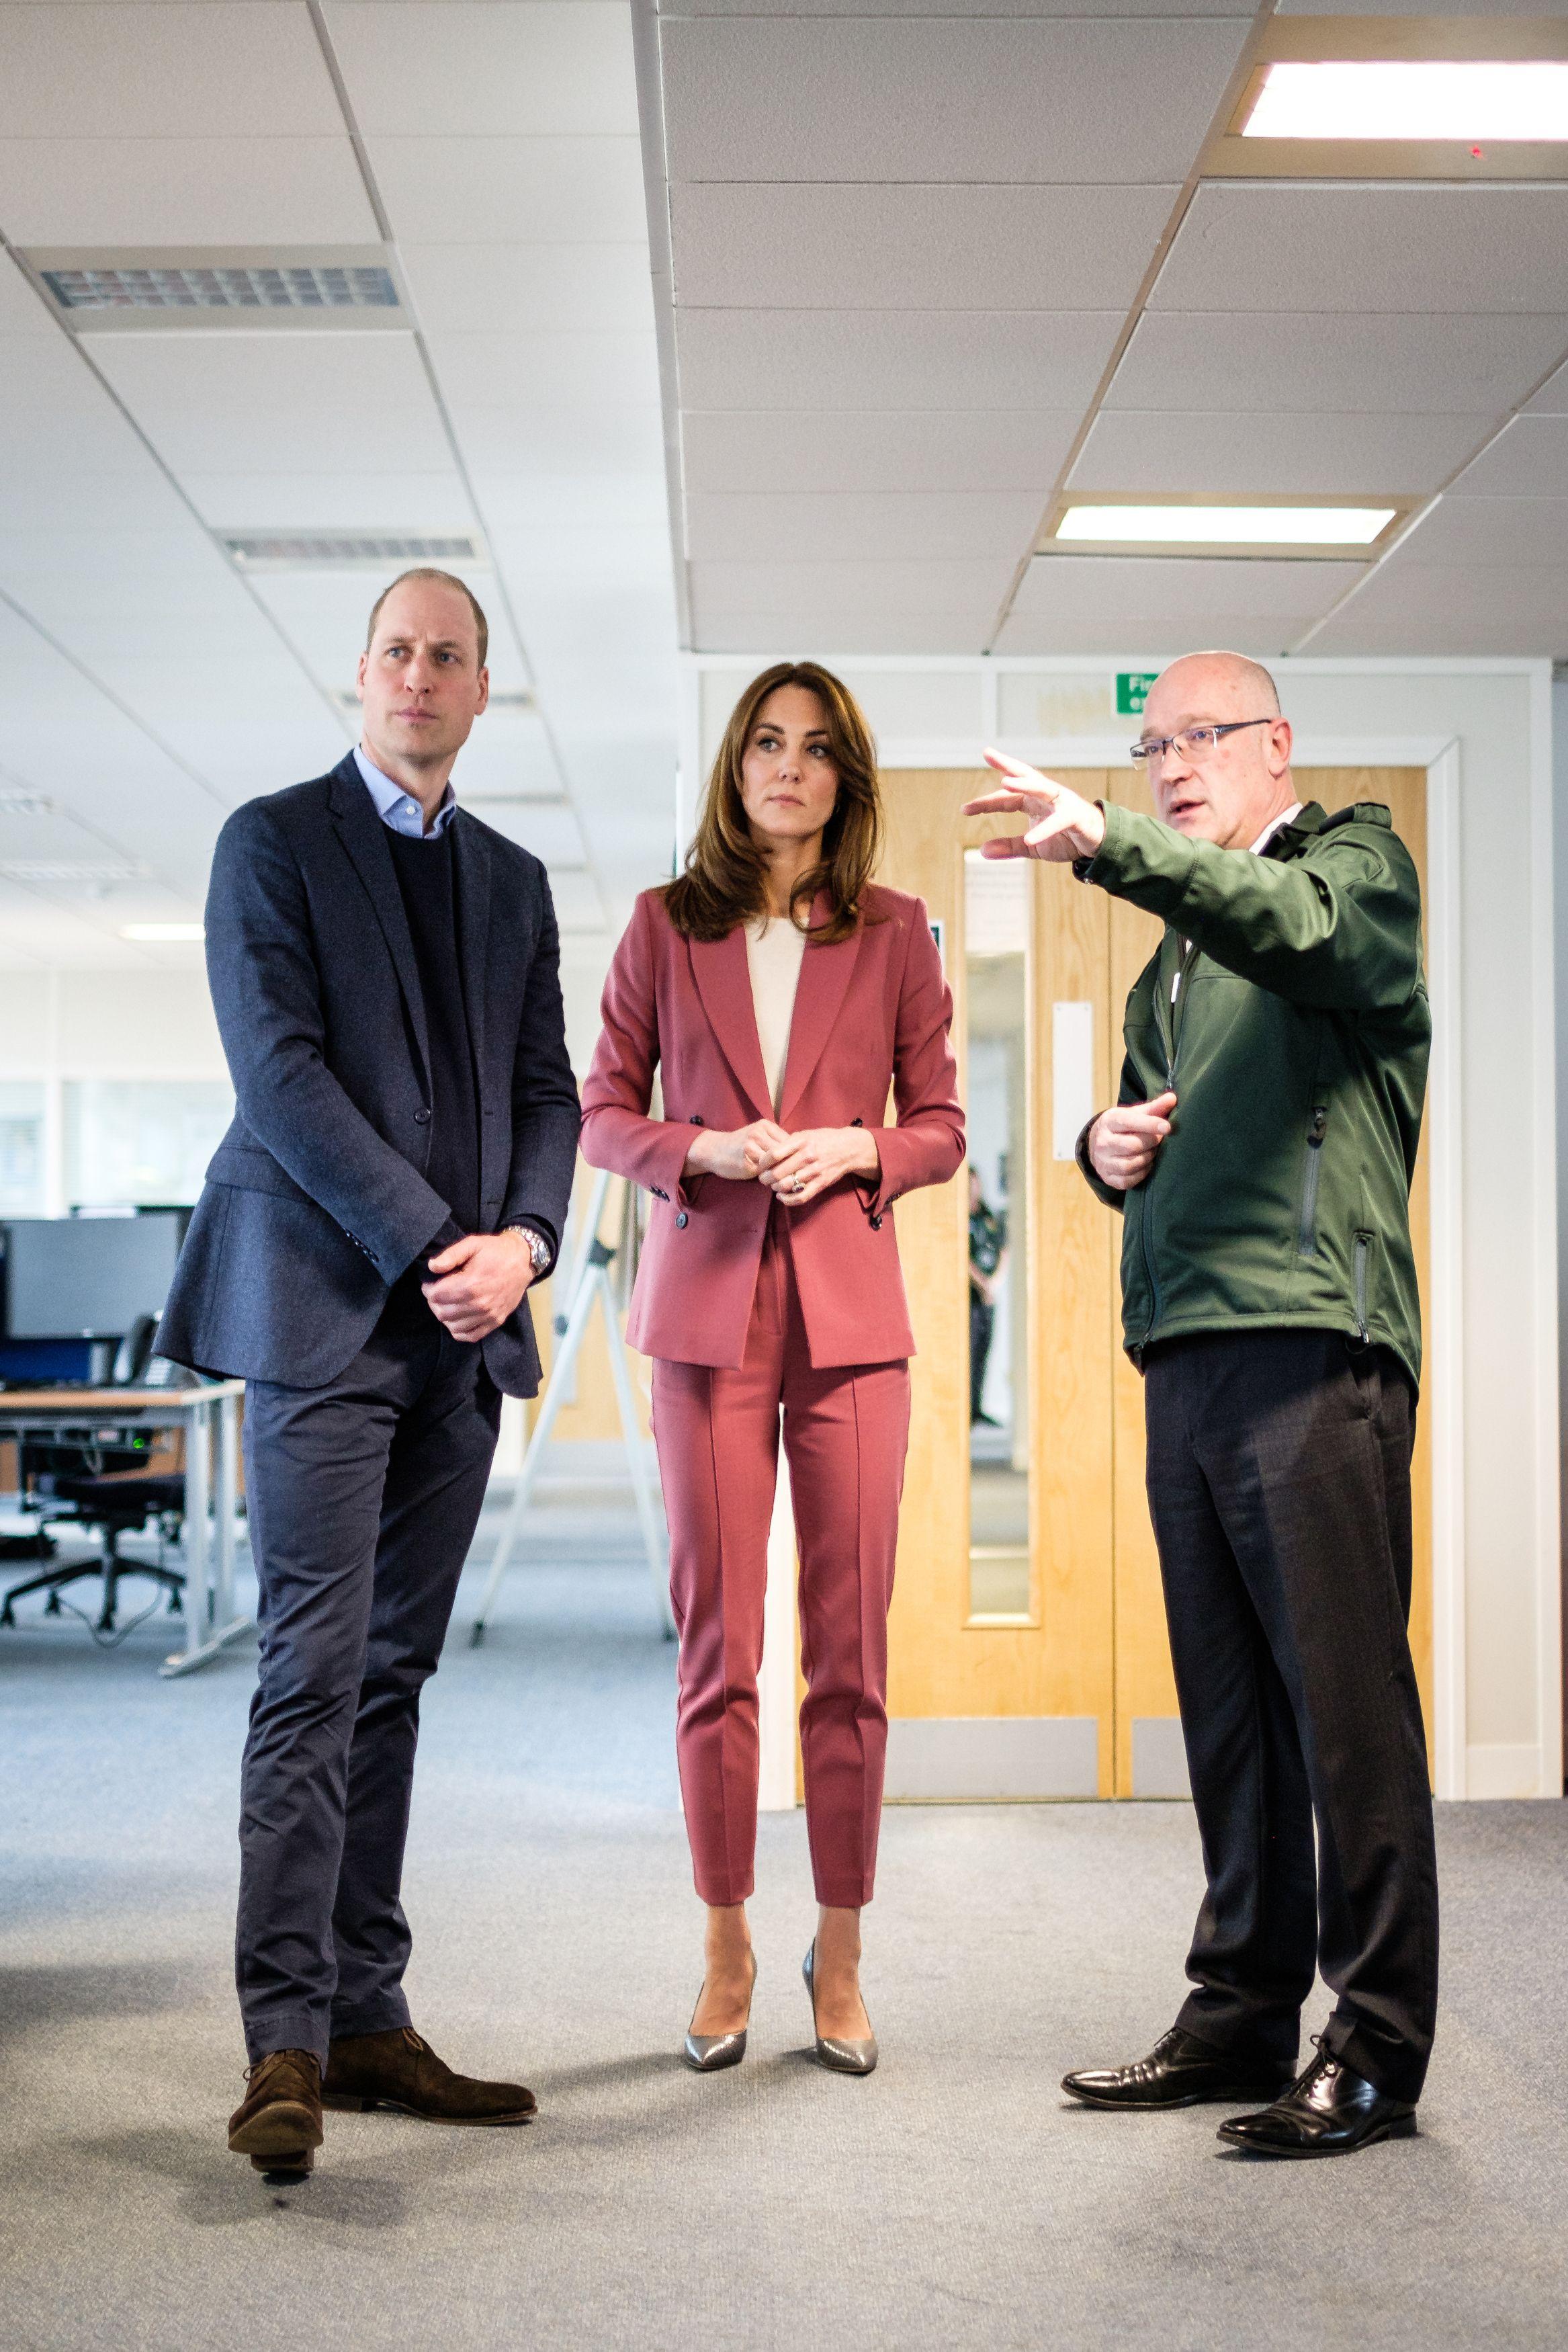 """Lần đầu tiên Công nương Kate diện nguyên bộ suit, là """"học"""" phá vỡ quy tắc Hoàng gia từ Meghan? - Ảnh 1."""